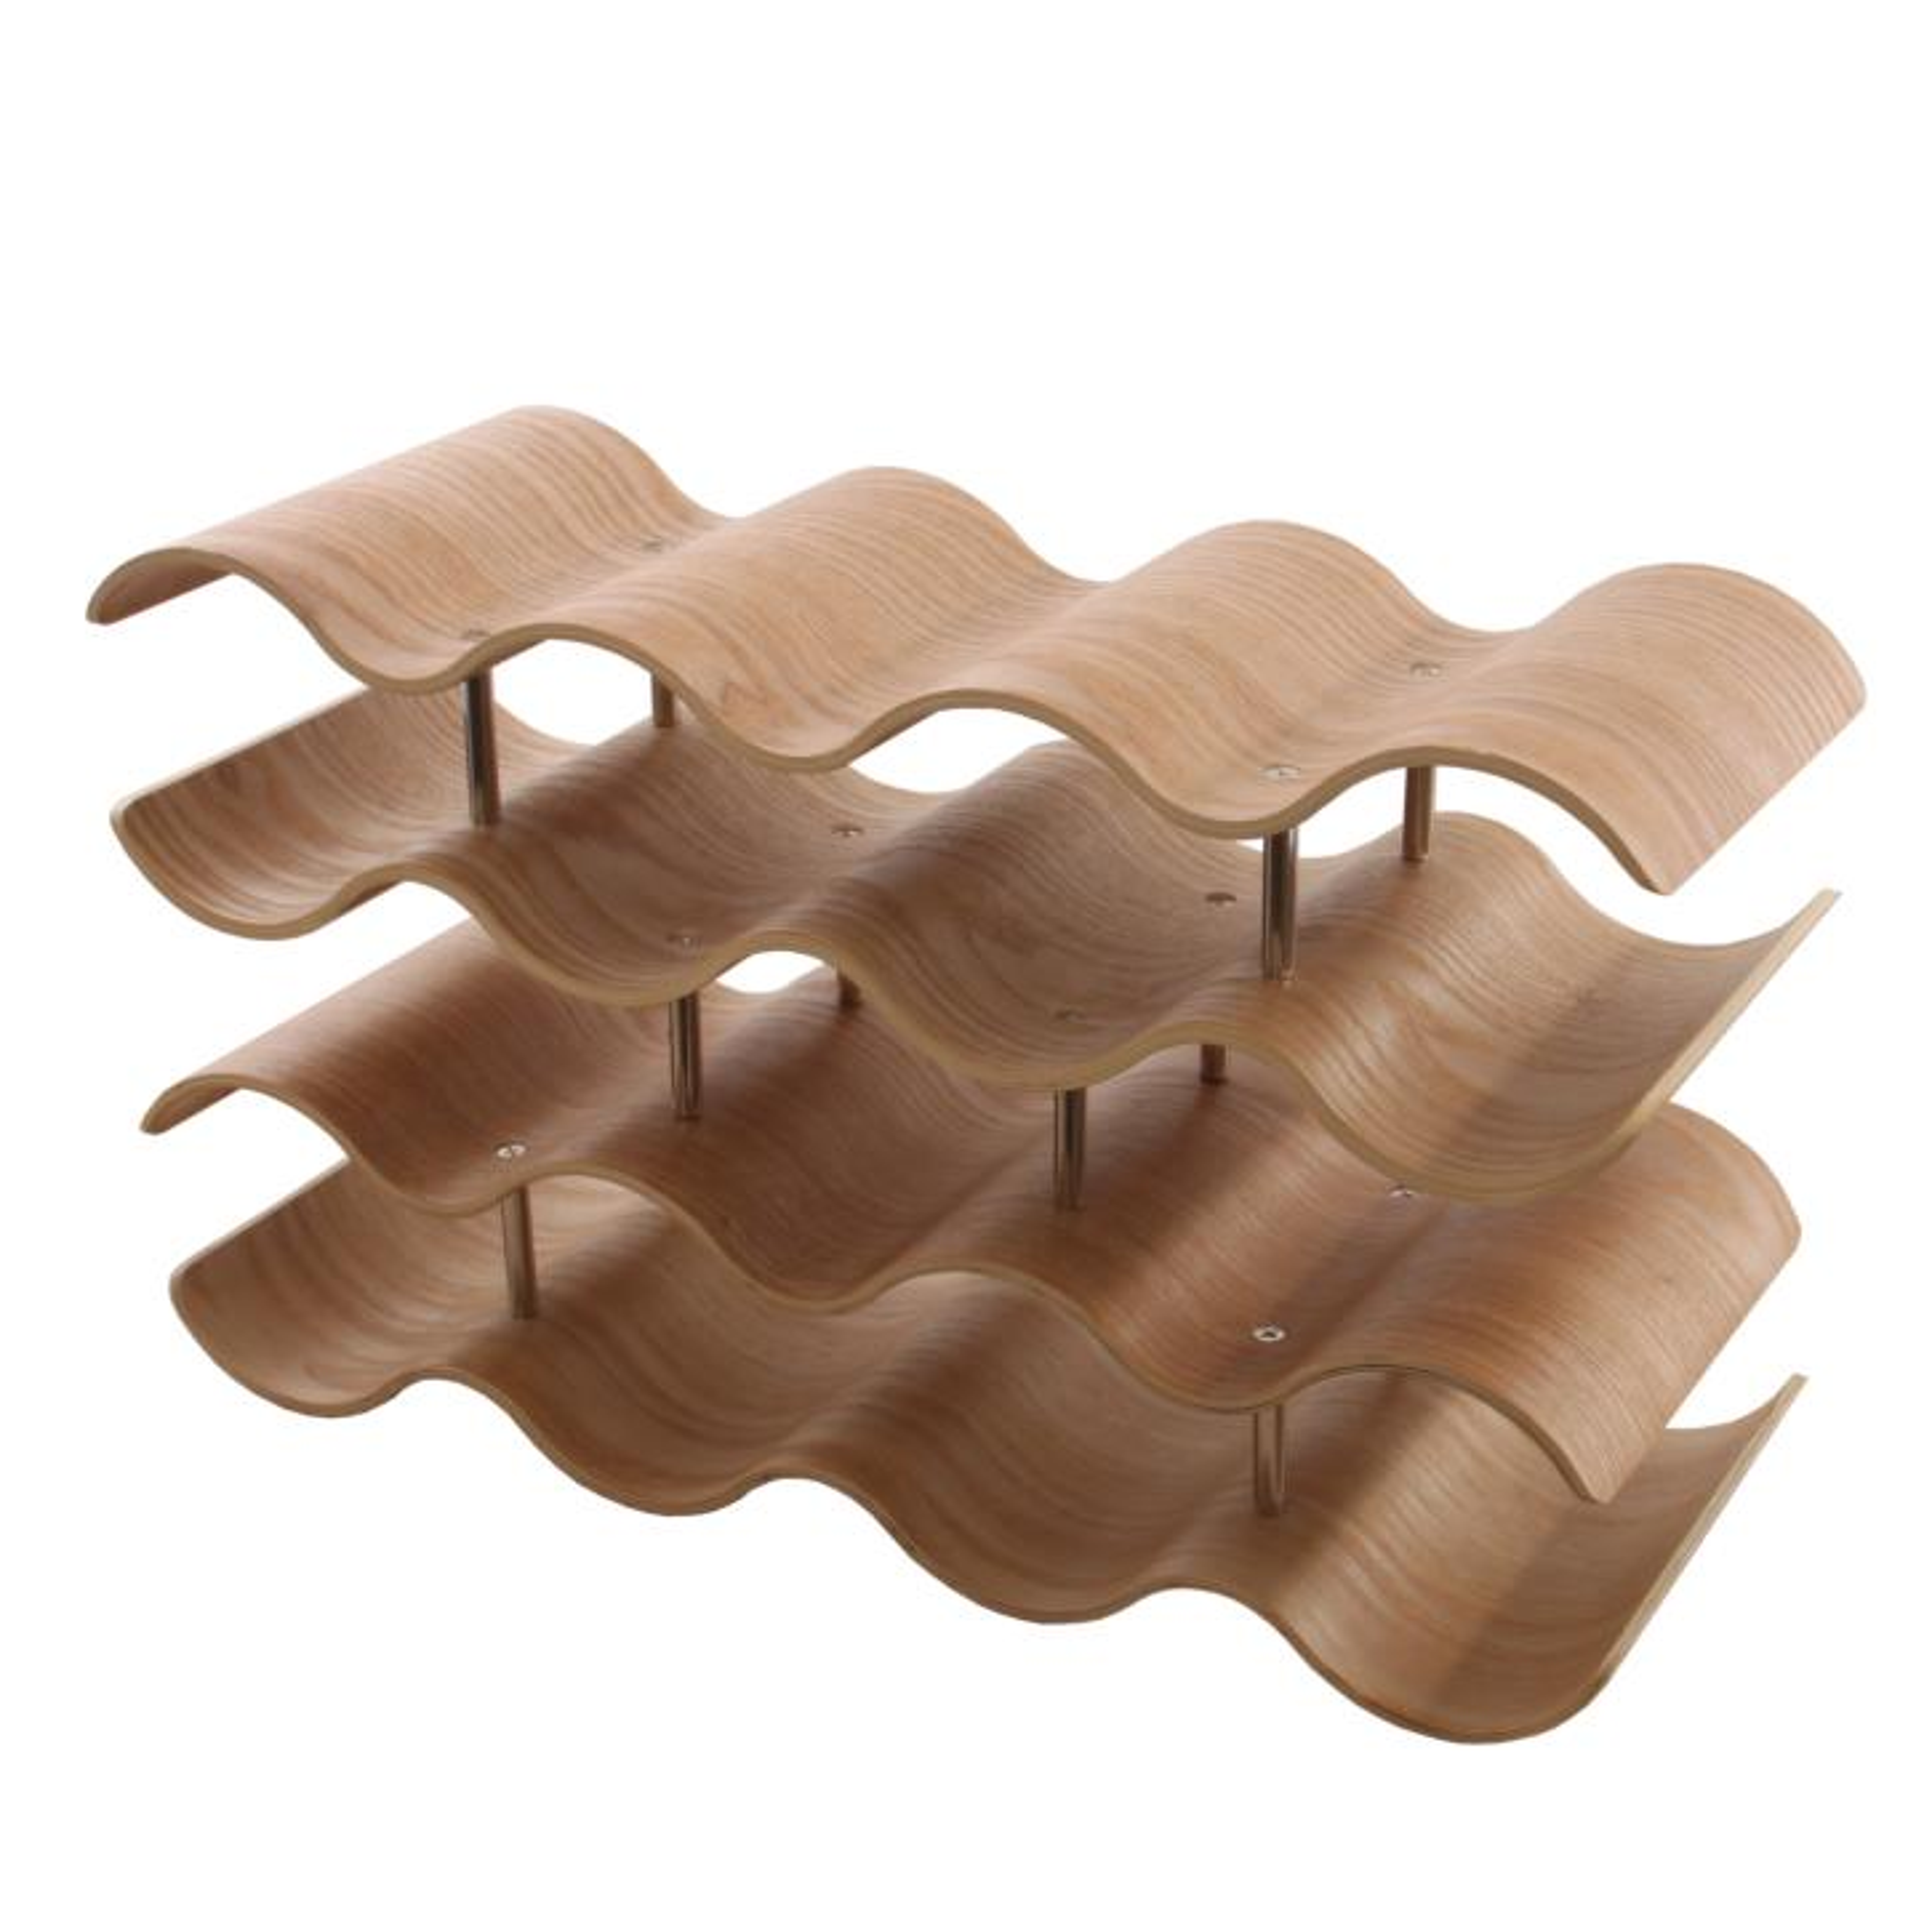 wellenförmiges Weinregal aus nachhaltigem Holz für 14 Flaschen Wein oder Sekt